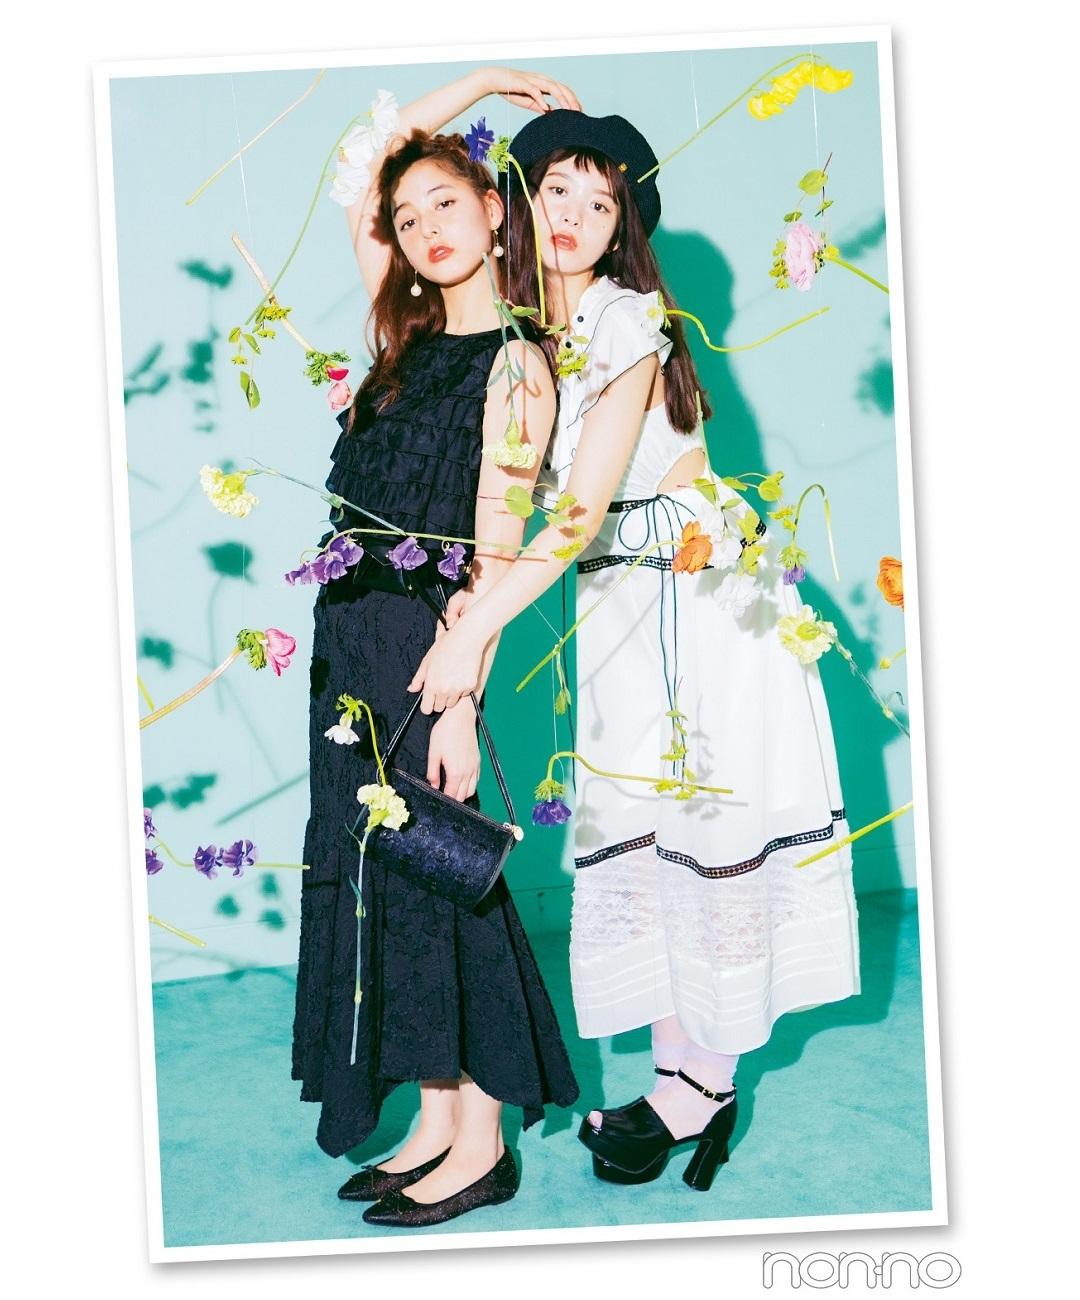 【夏のワンピースコーデ】新木優子と馬場ふみか、この夏は甘めモノトーンコーデでいく!